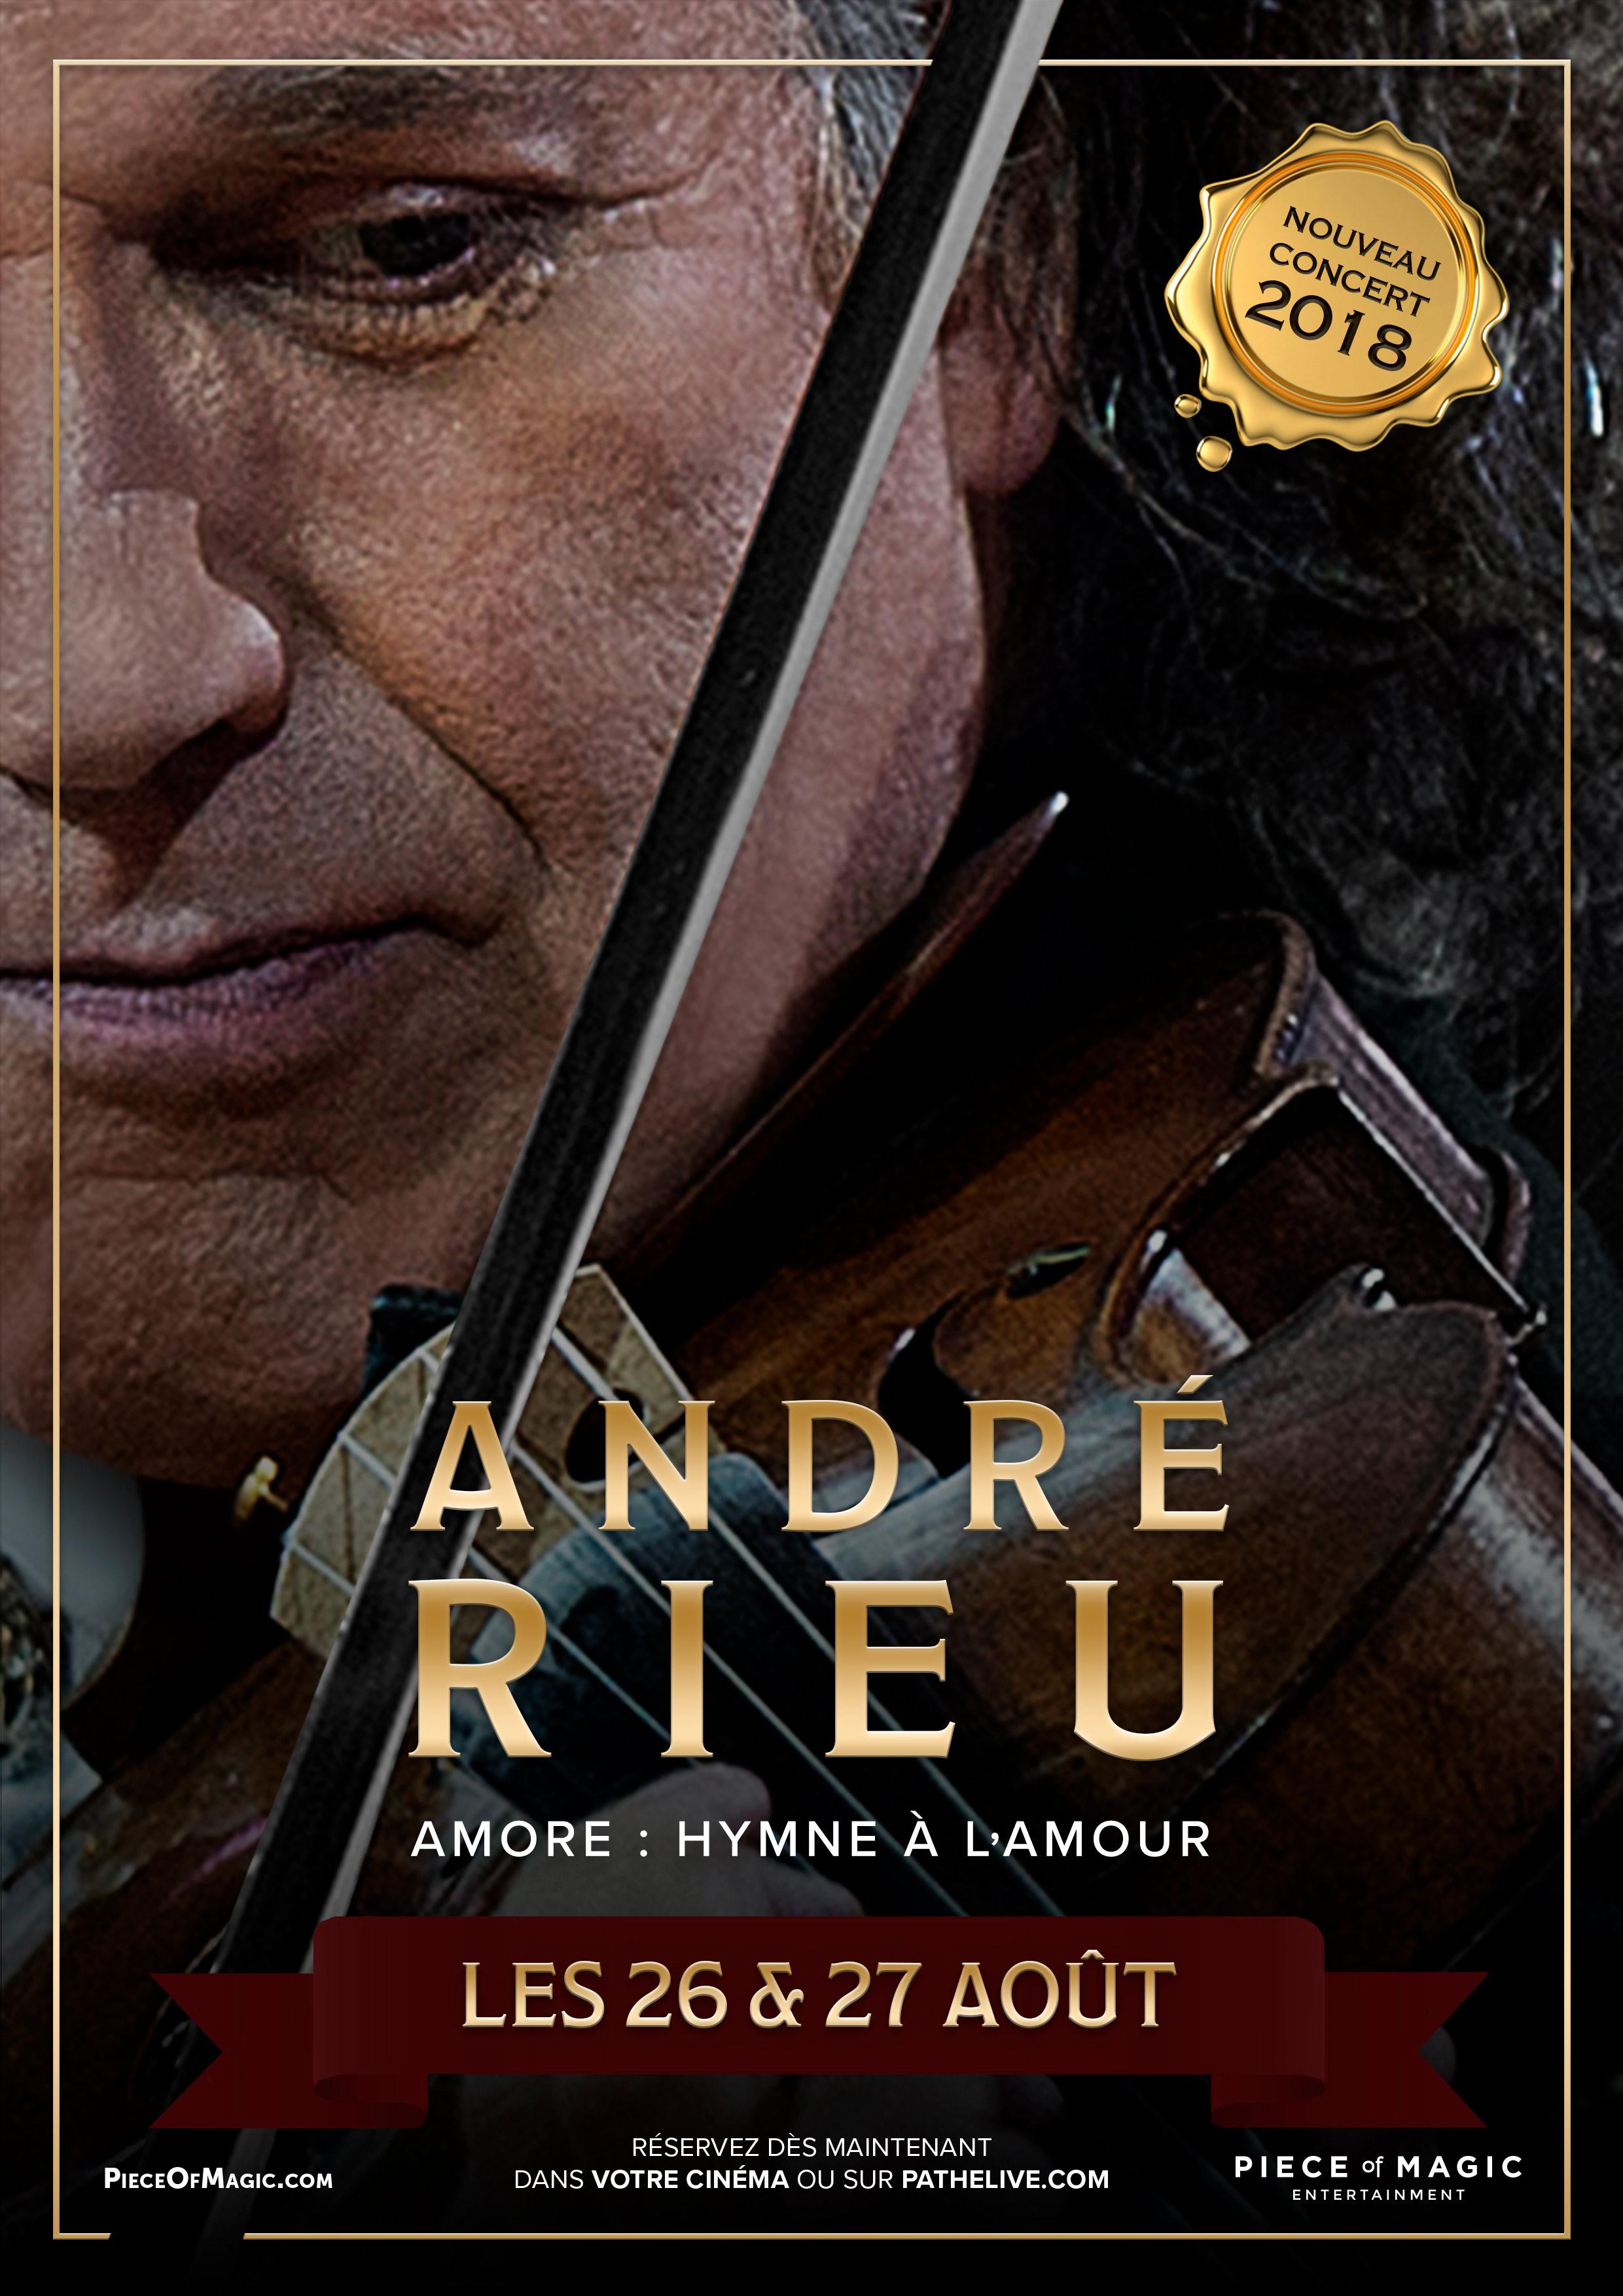 André Rieu - Amore : Hymne à l'amour